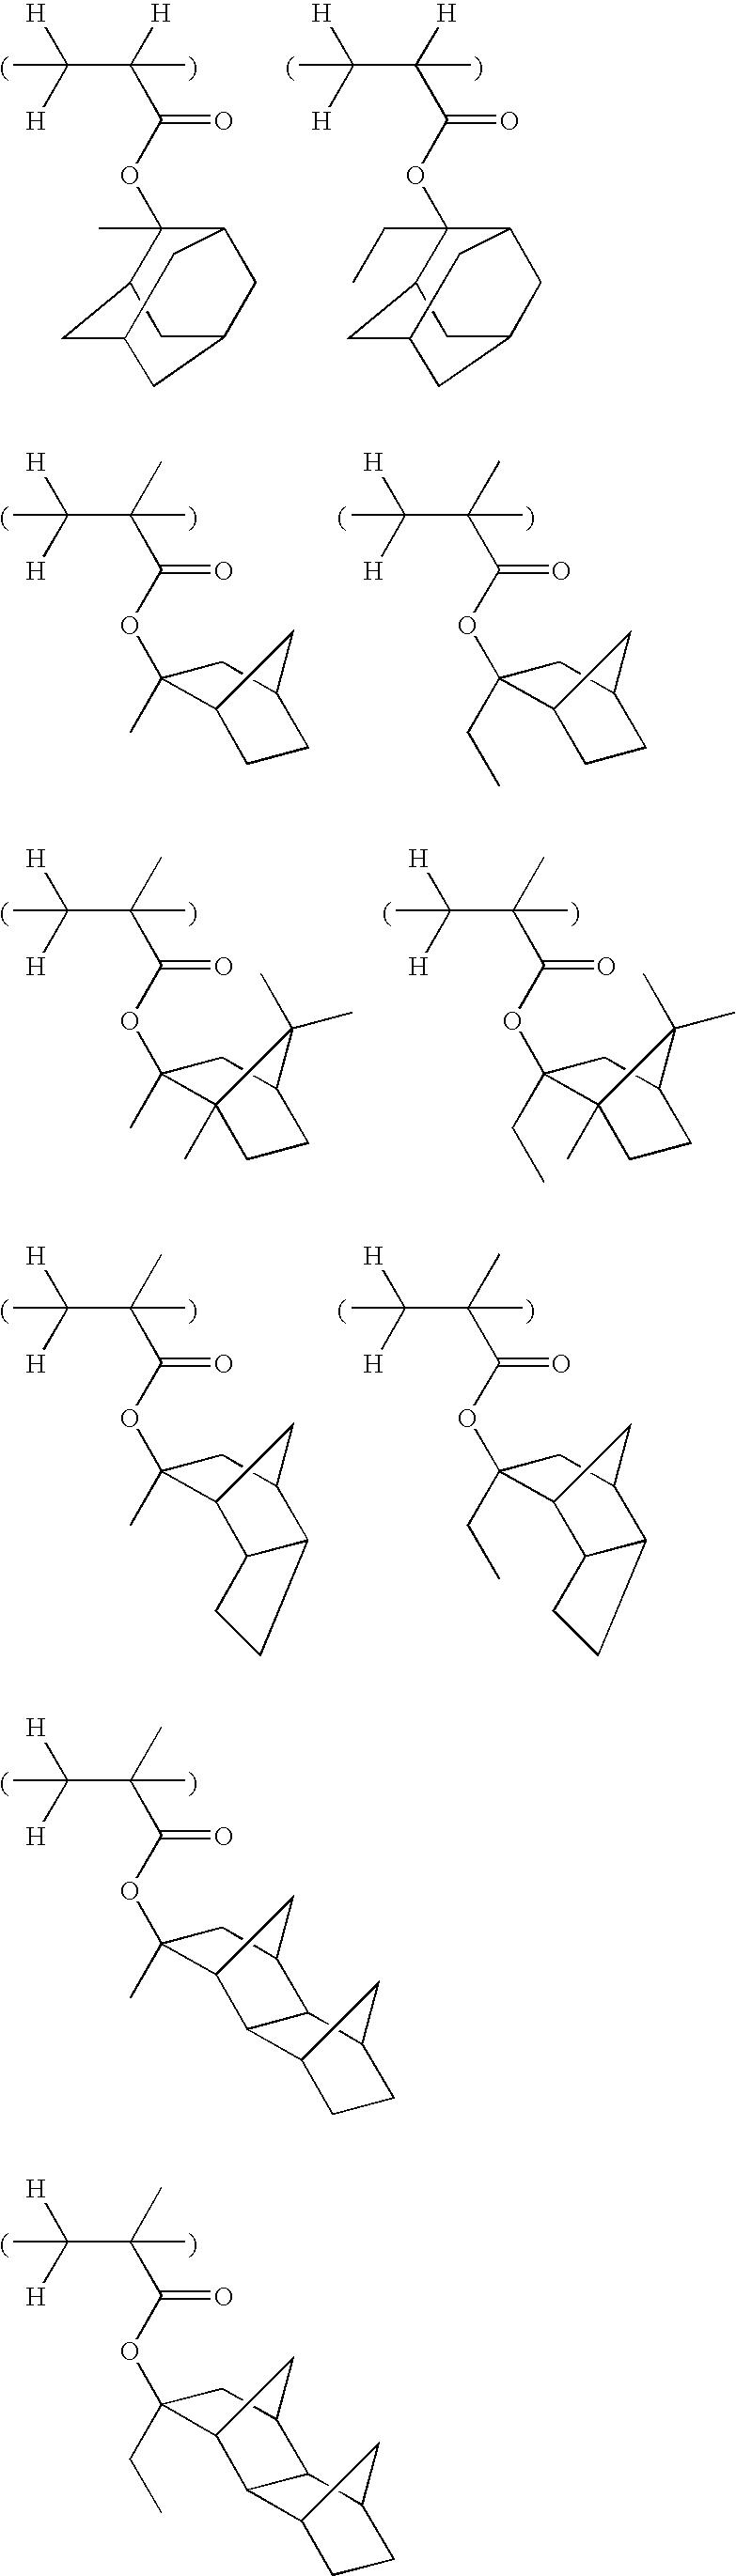 Figure US20080026331A1-20080131-C00044